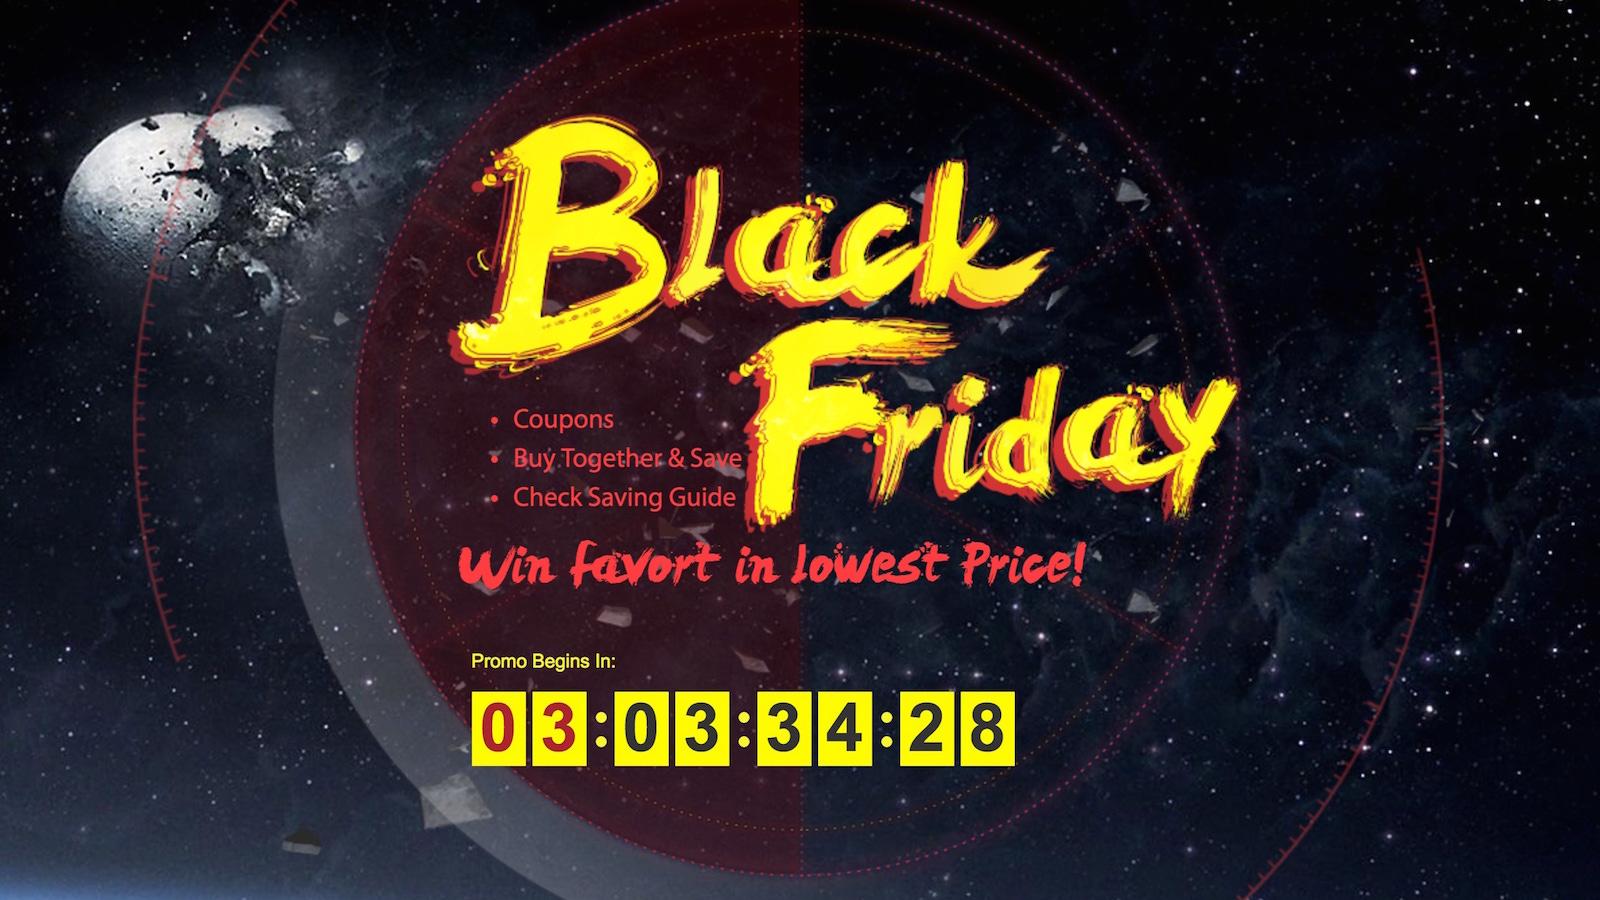 Black Friday Deals & Sales